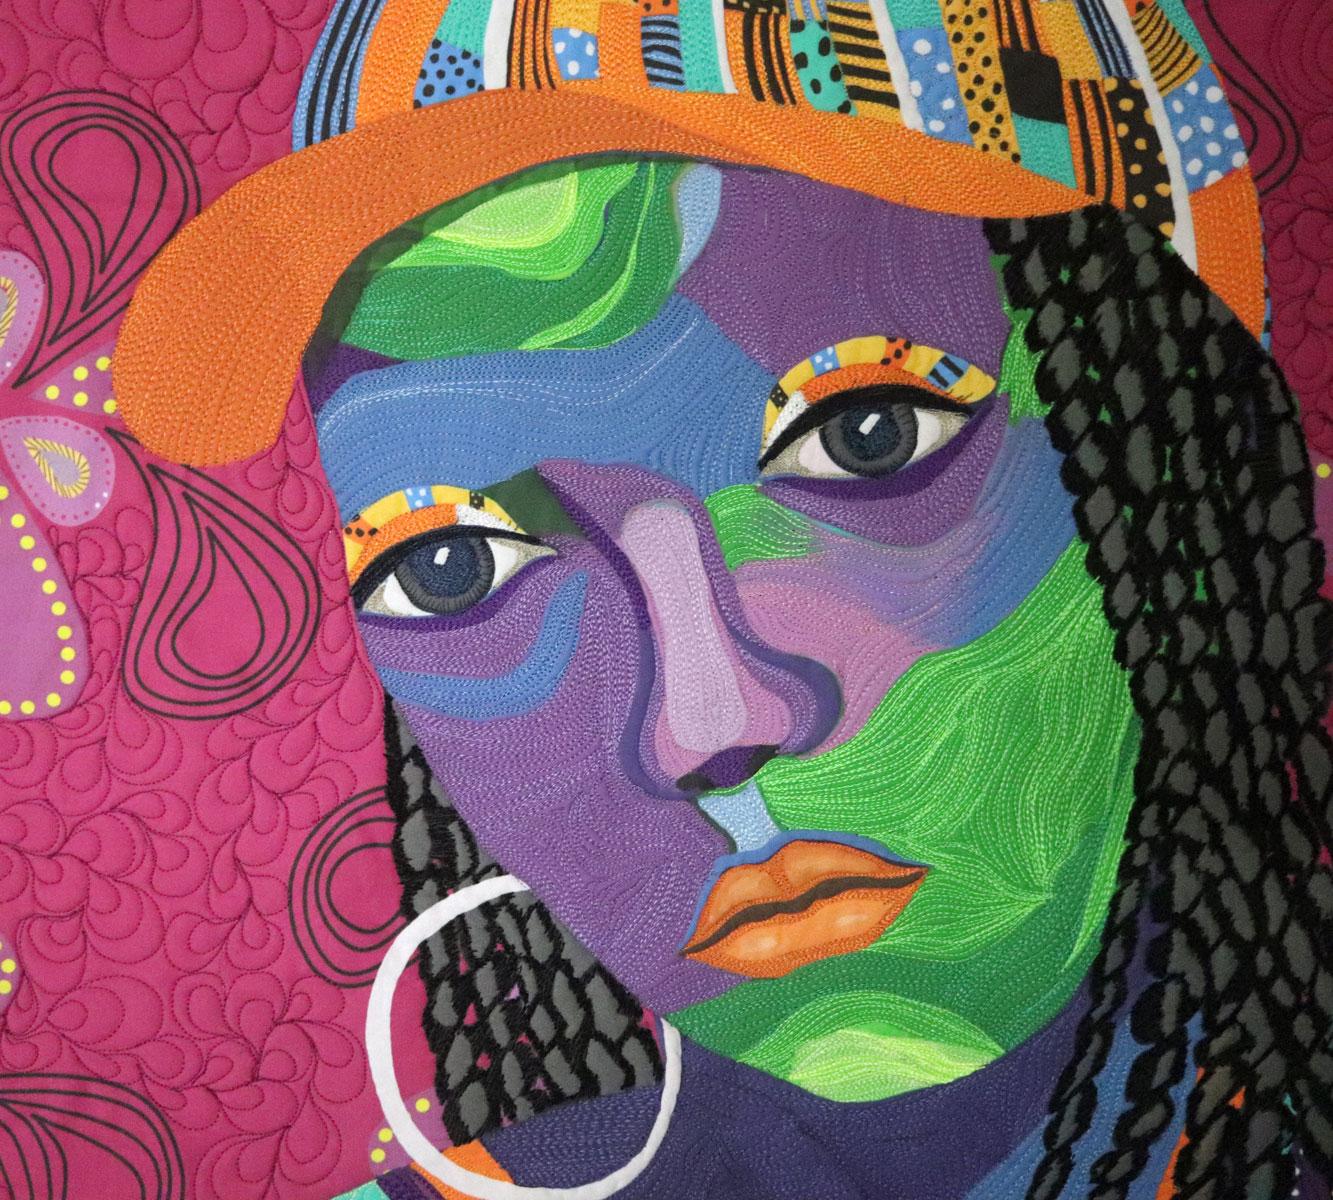 Hats Don't Fit | Clara Nartey | Fiber Art | Art Quilt | Textile Art | Portrait Quilt